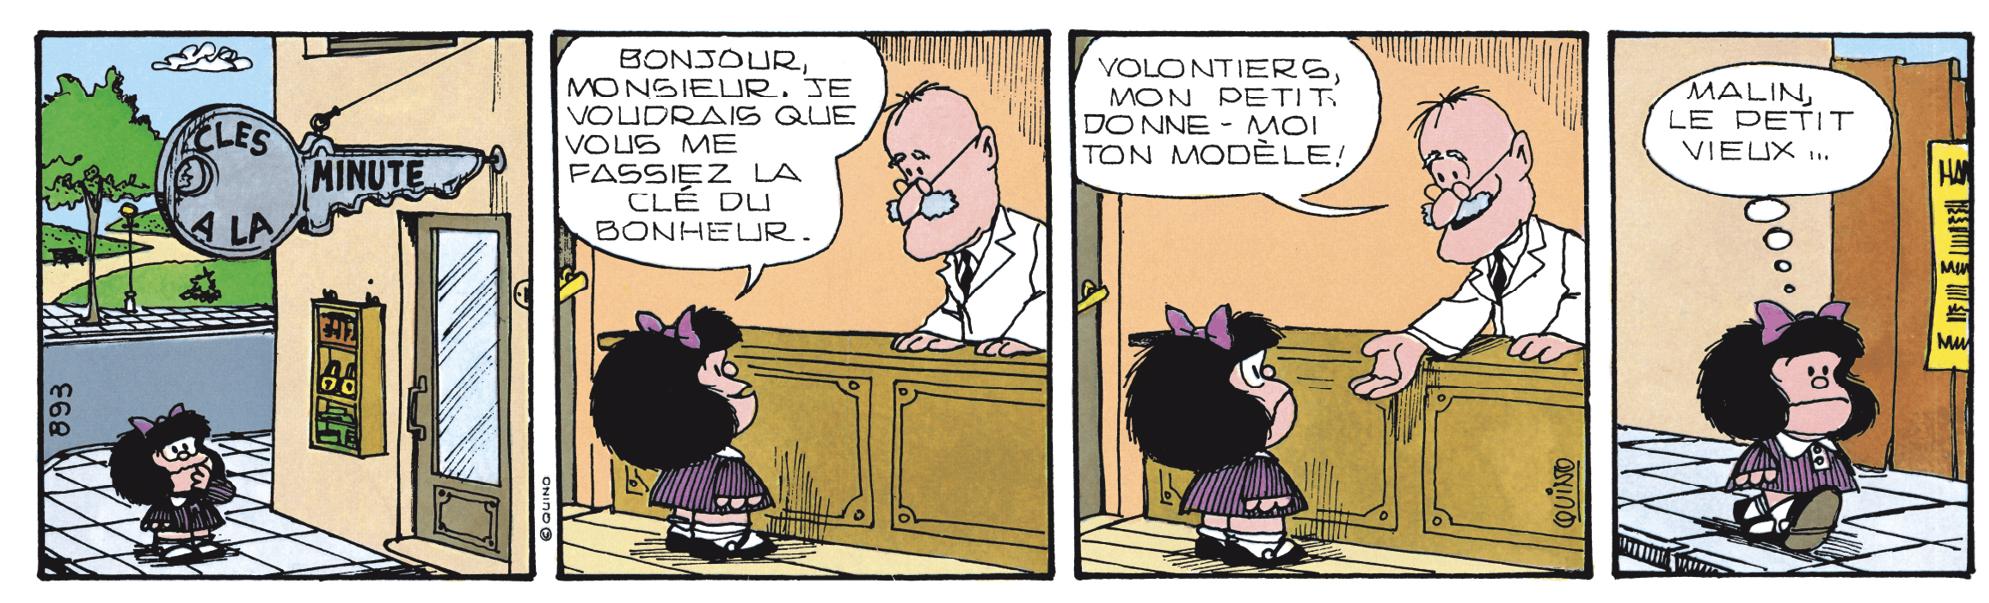 Illustration tirée de la bande dessinée Le petit frère de Mafalda, de Quino, Éditions Glénat, 1983.